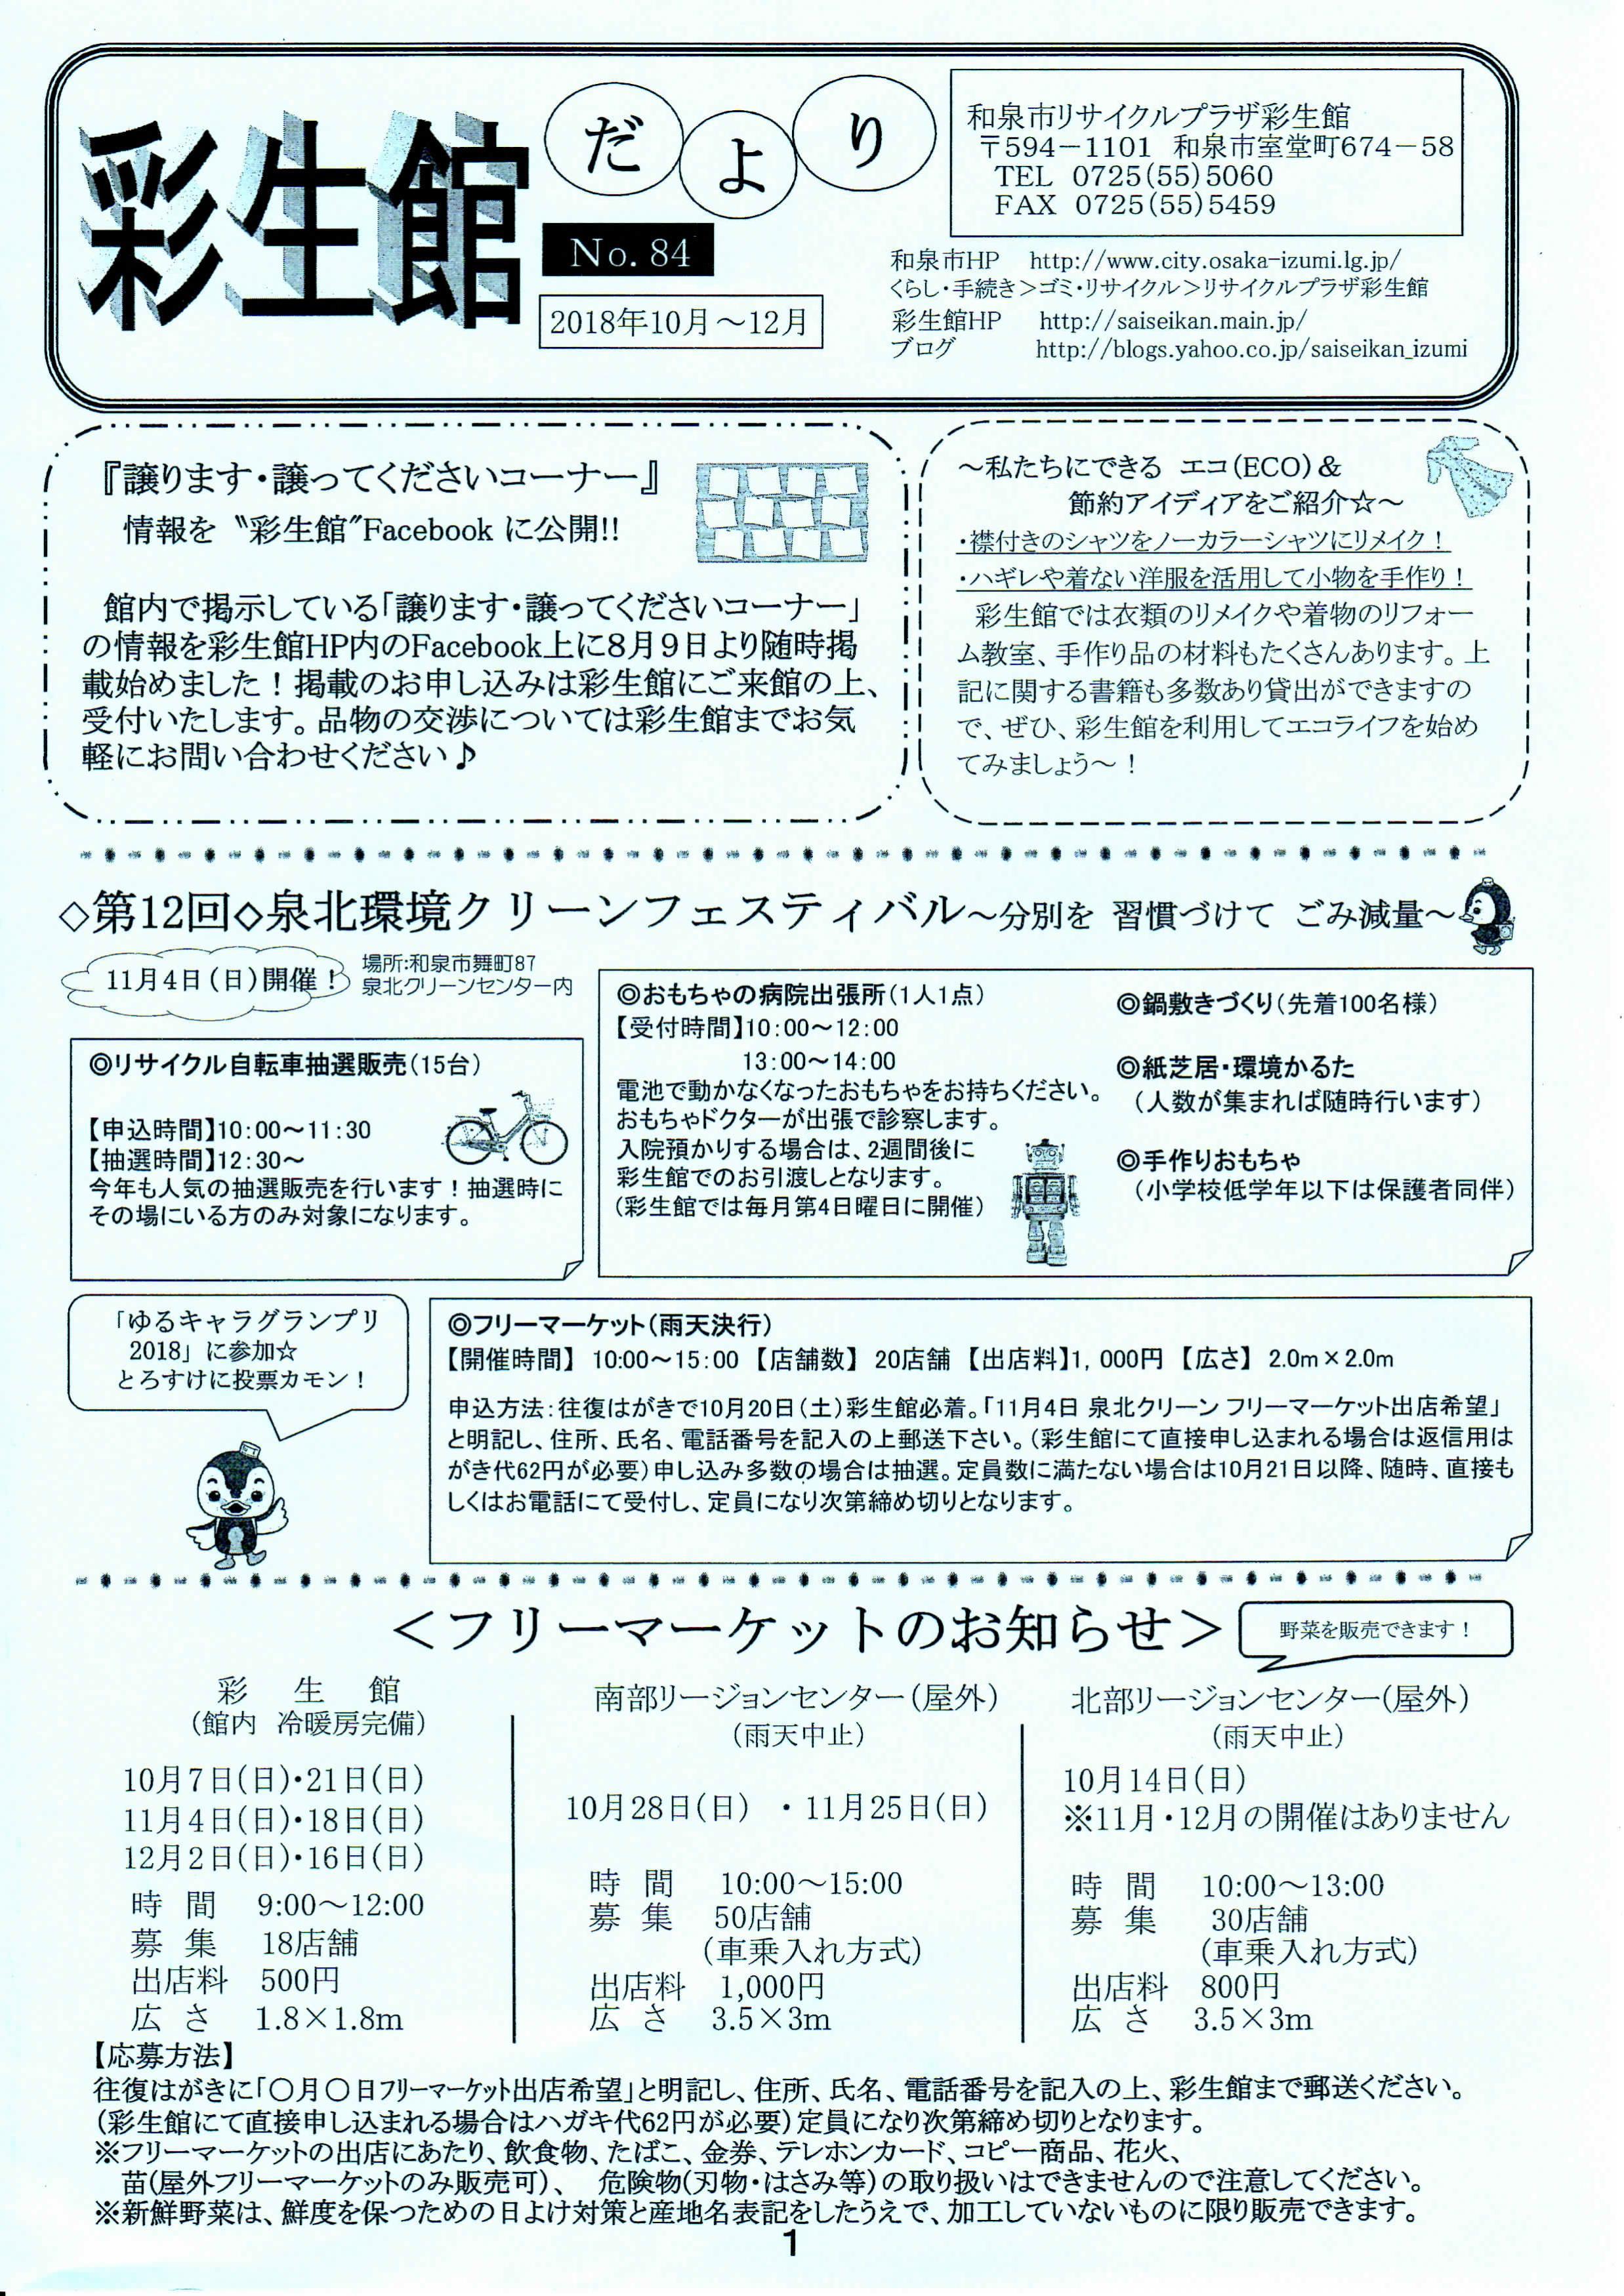 フリーマーケット に出かけよう♪~和泉市リサイクルプラザ彩生館